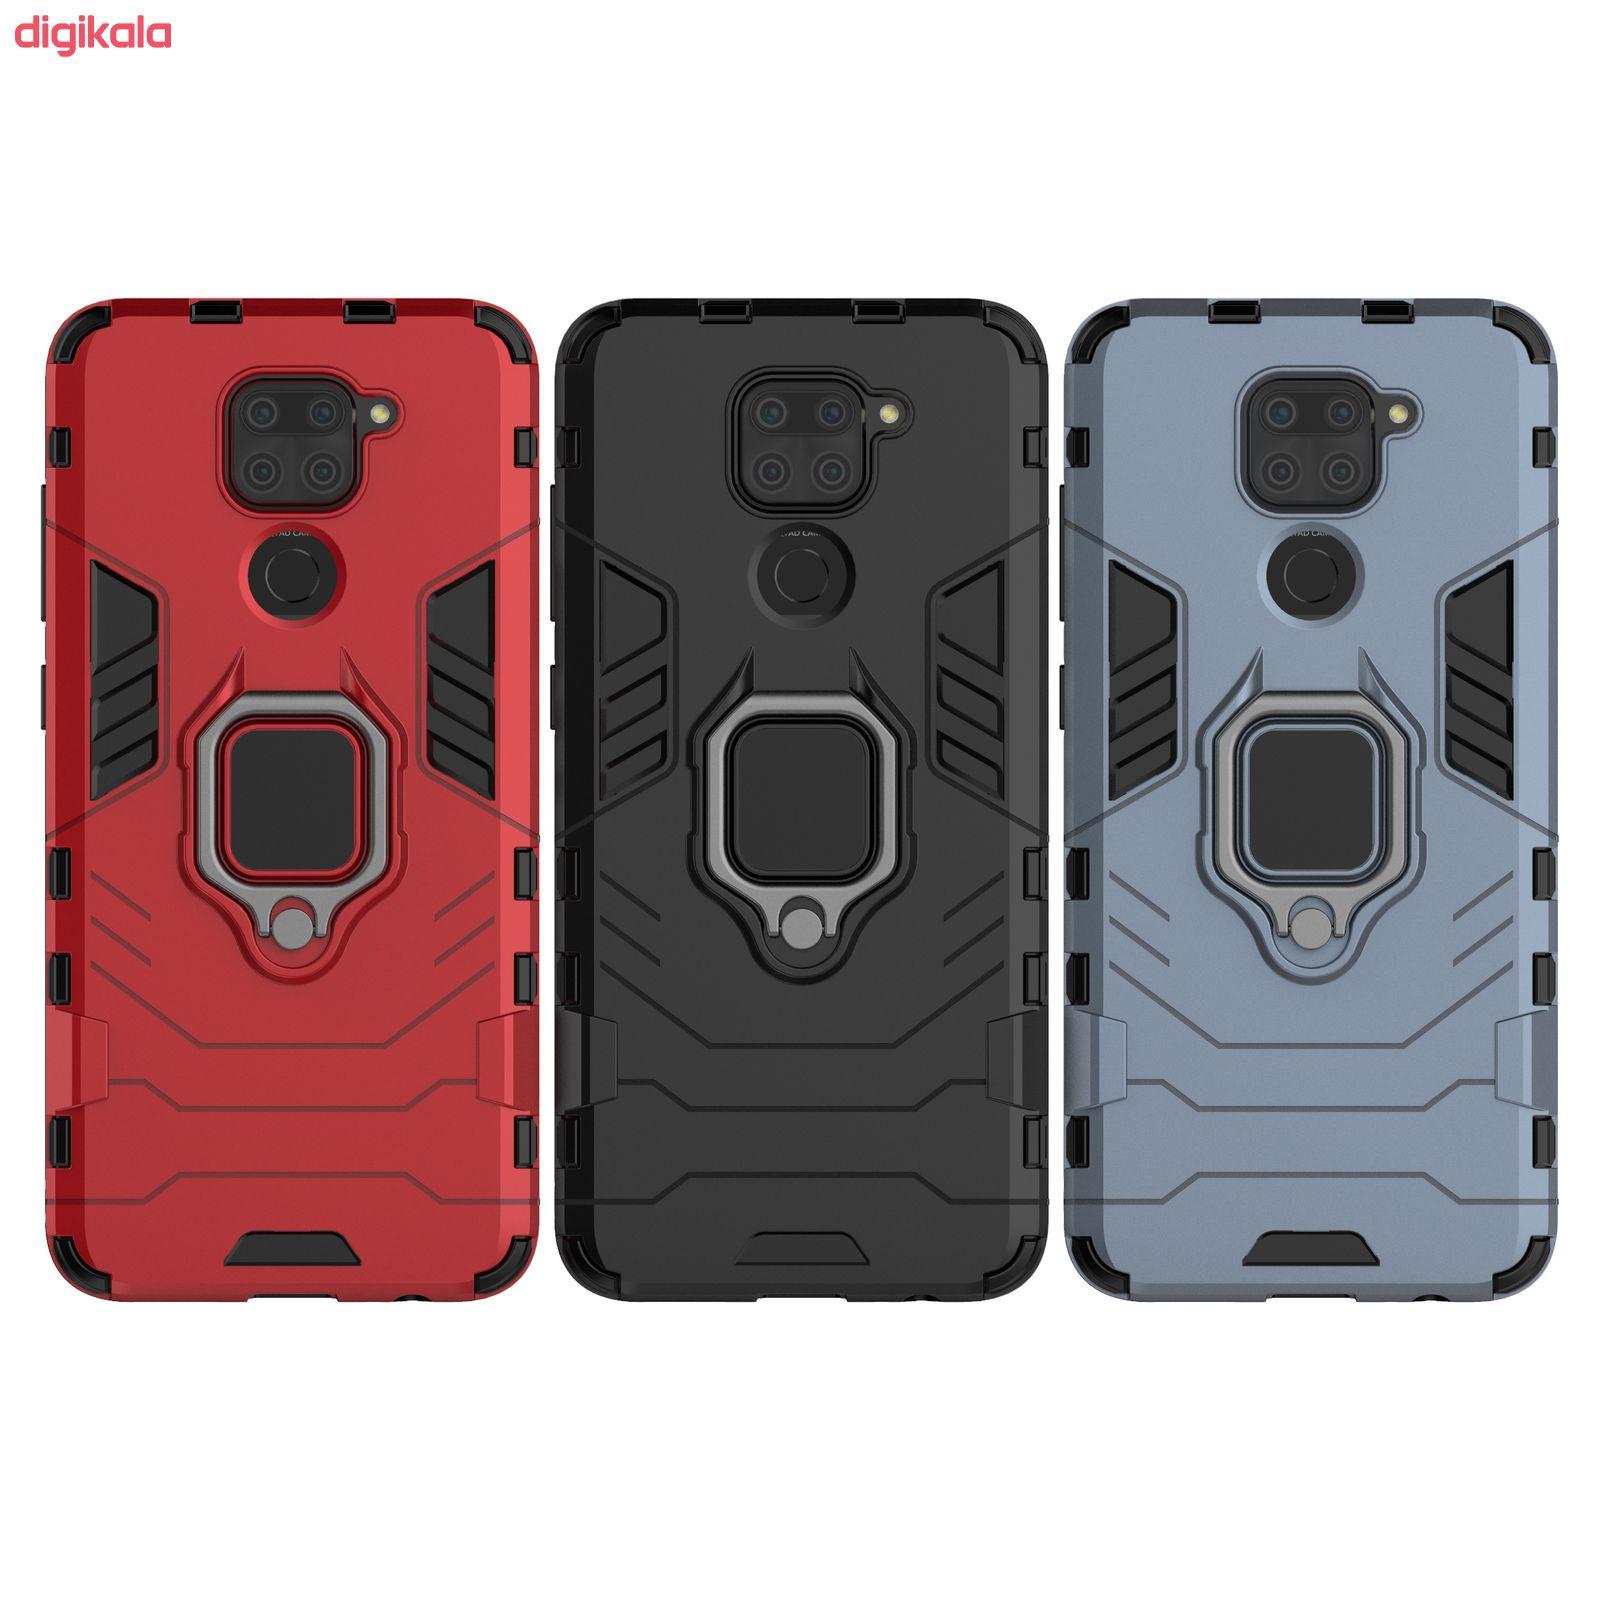 کاور مدل DEF02 مناسب برای گوشی موبایل شیائومی Redmi Note 9 main 1 5